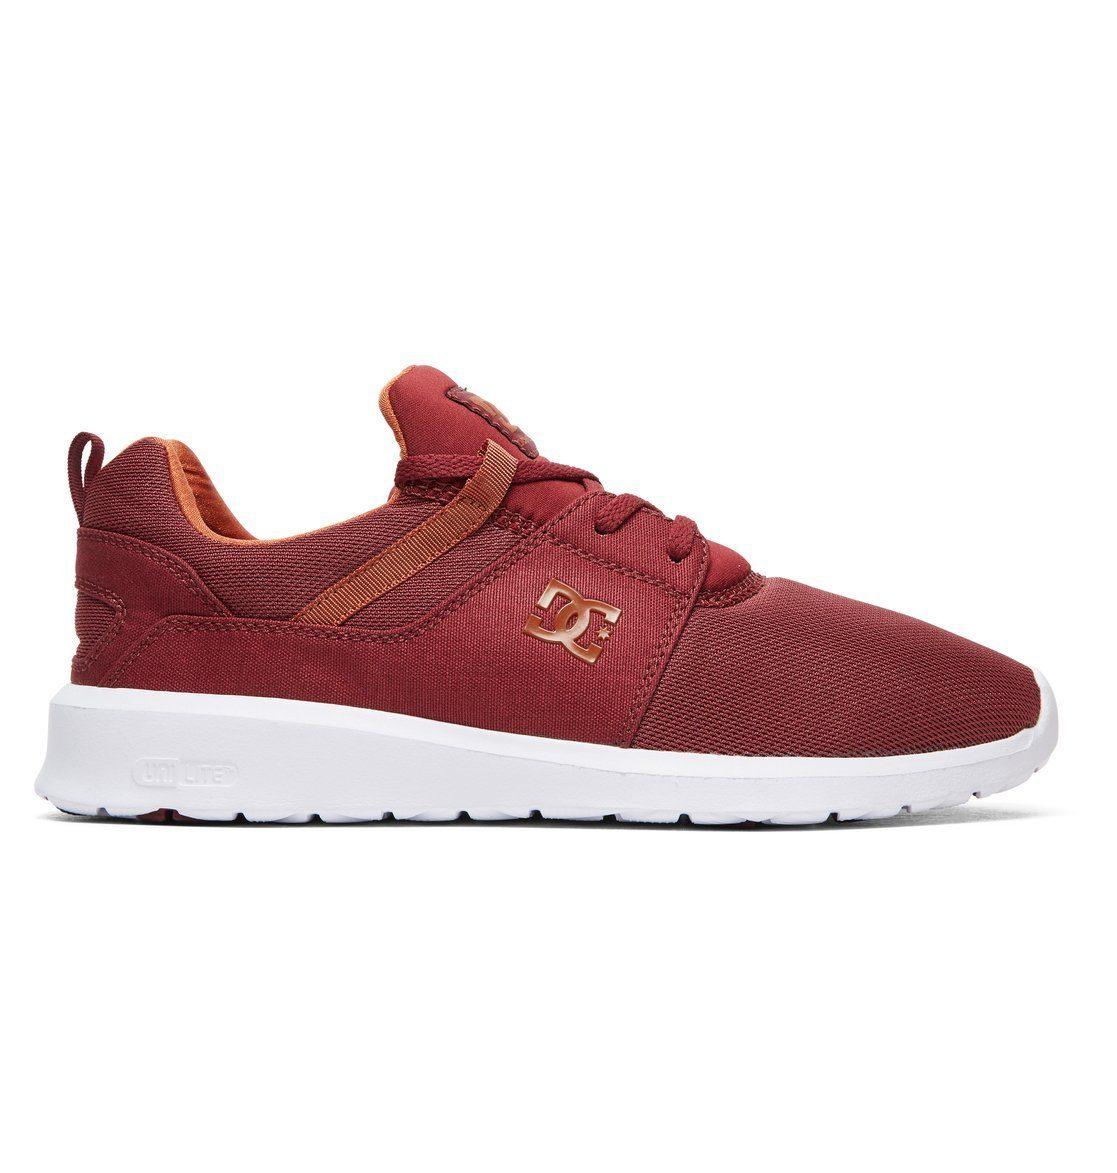 DC Shoes Schuhe Heathrow online kaufen  Maroon